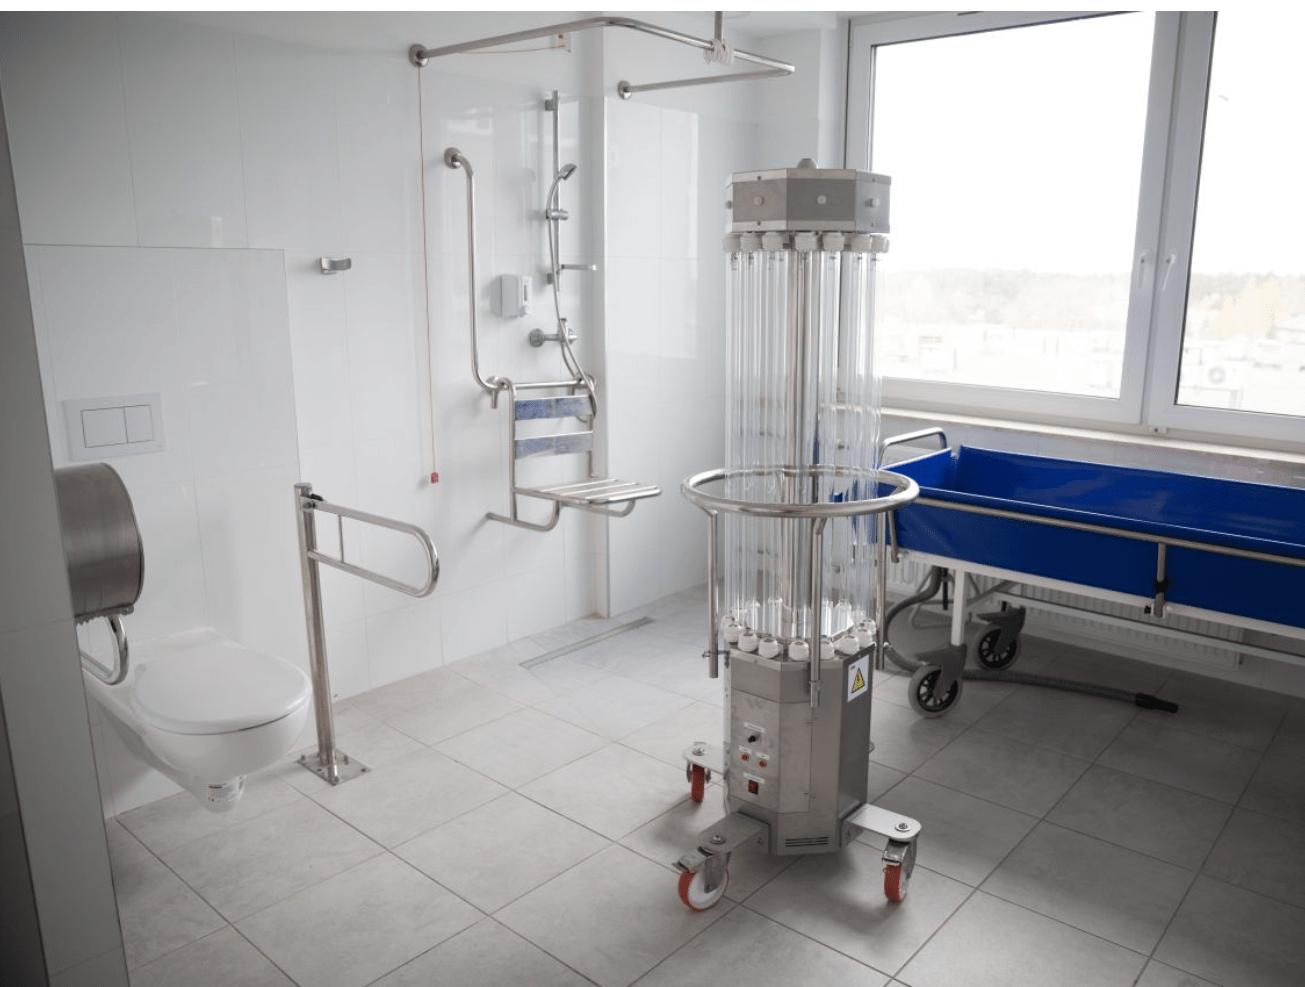 Szpital dostał m.in. nowoczesny sprzęt do dezynfekcji